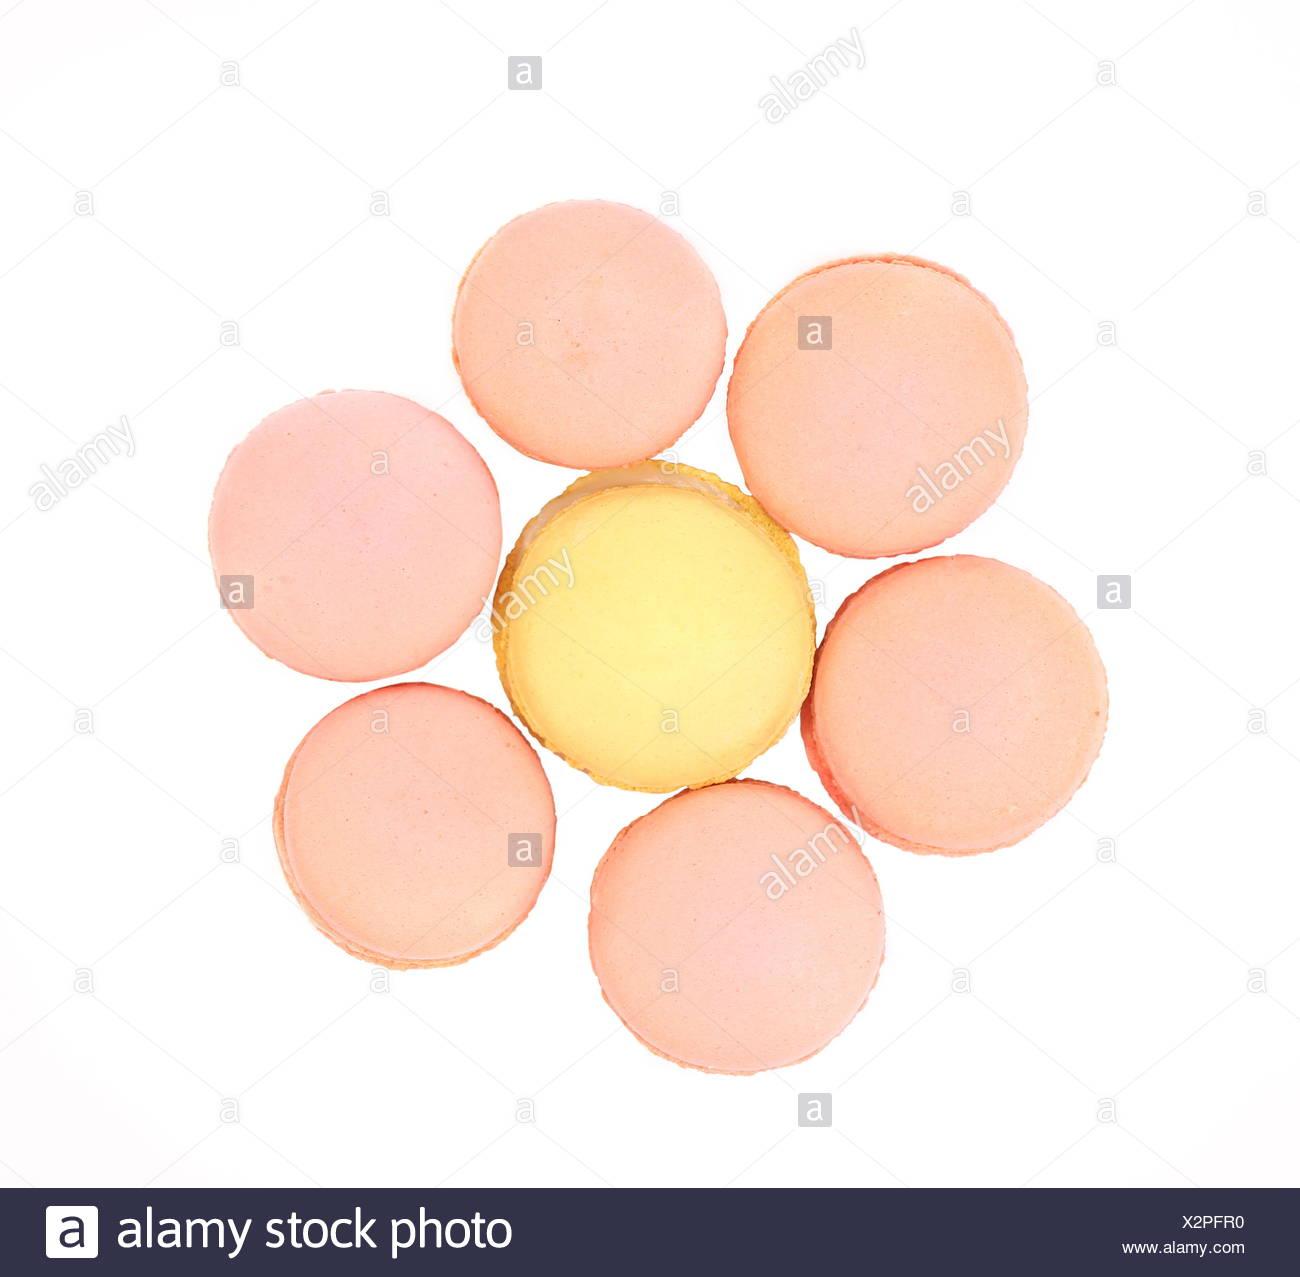 Seven various  macaron cakes. Hexahedron. - Stock Image